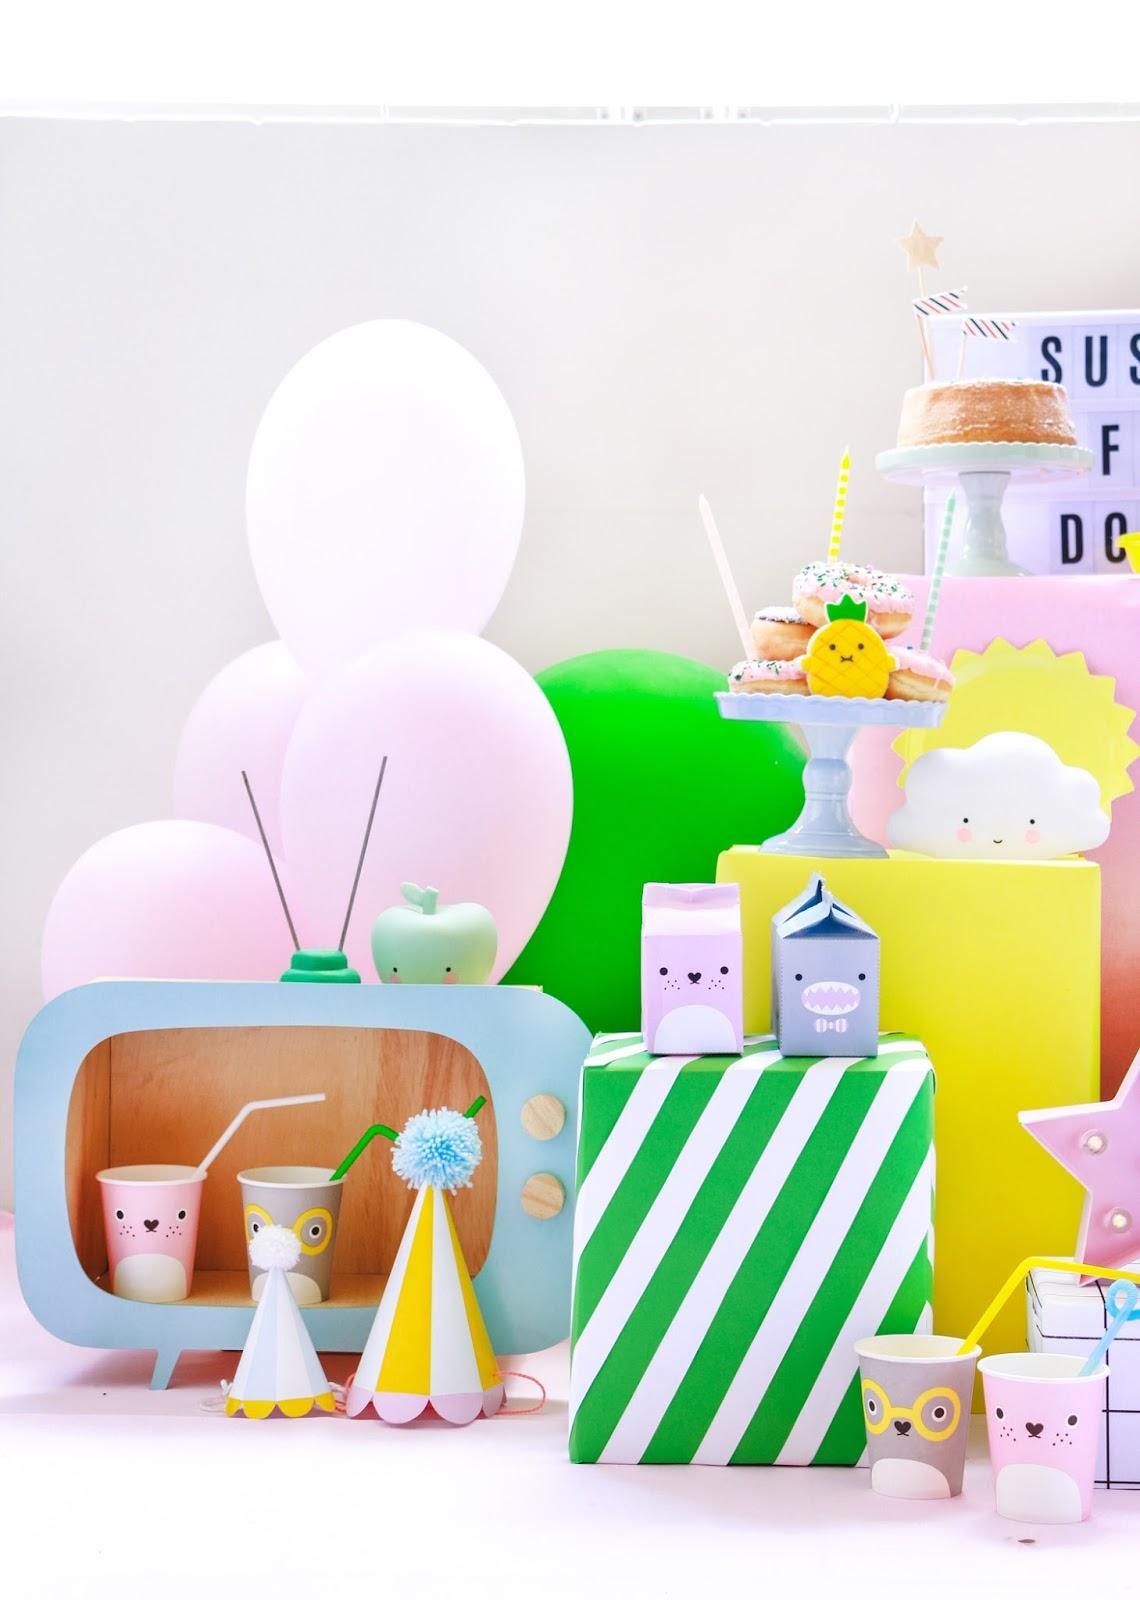 decoração festa infantil para cachorro colorida e barata com donuts tema noodoll